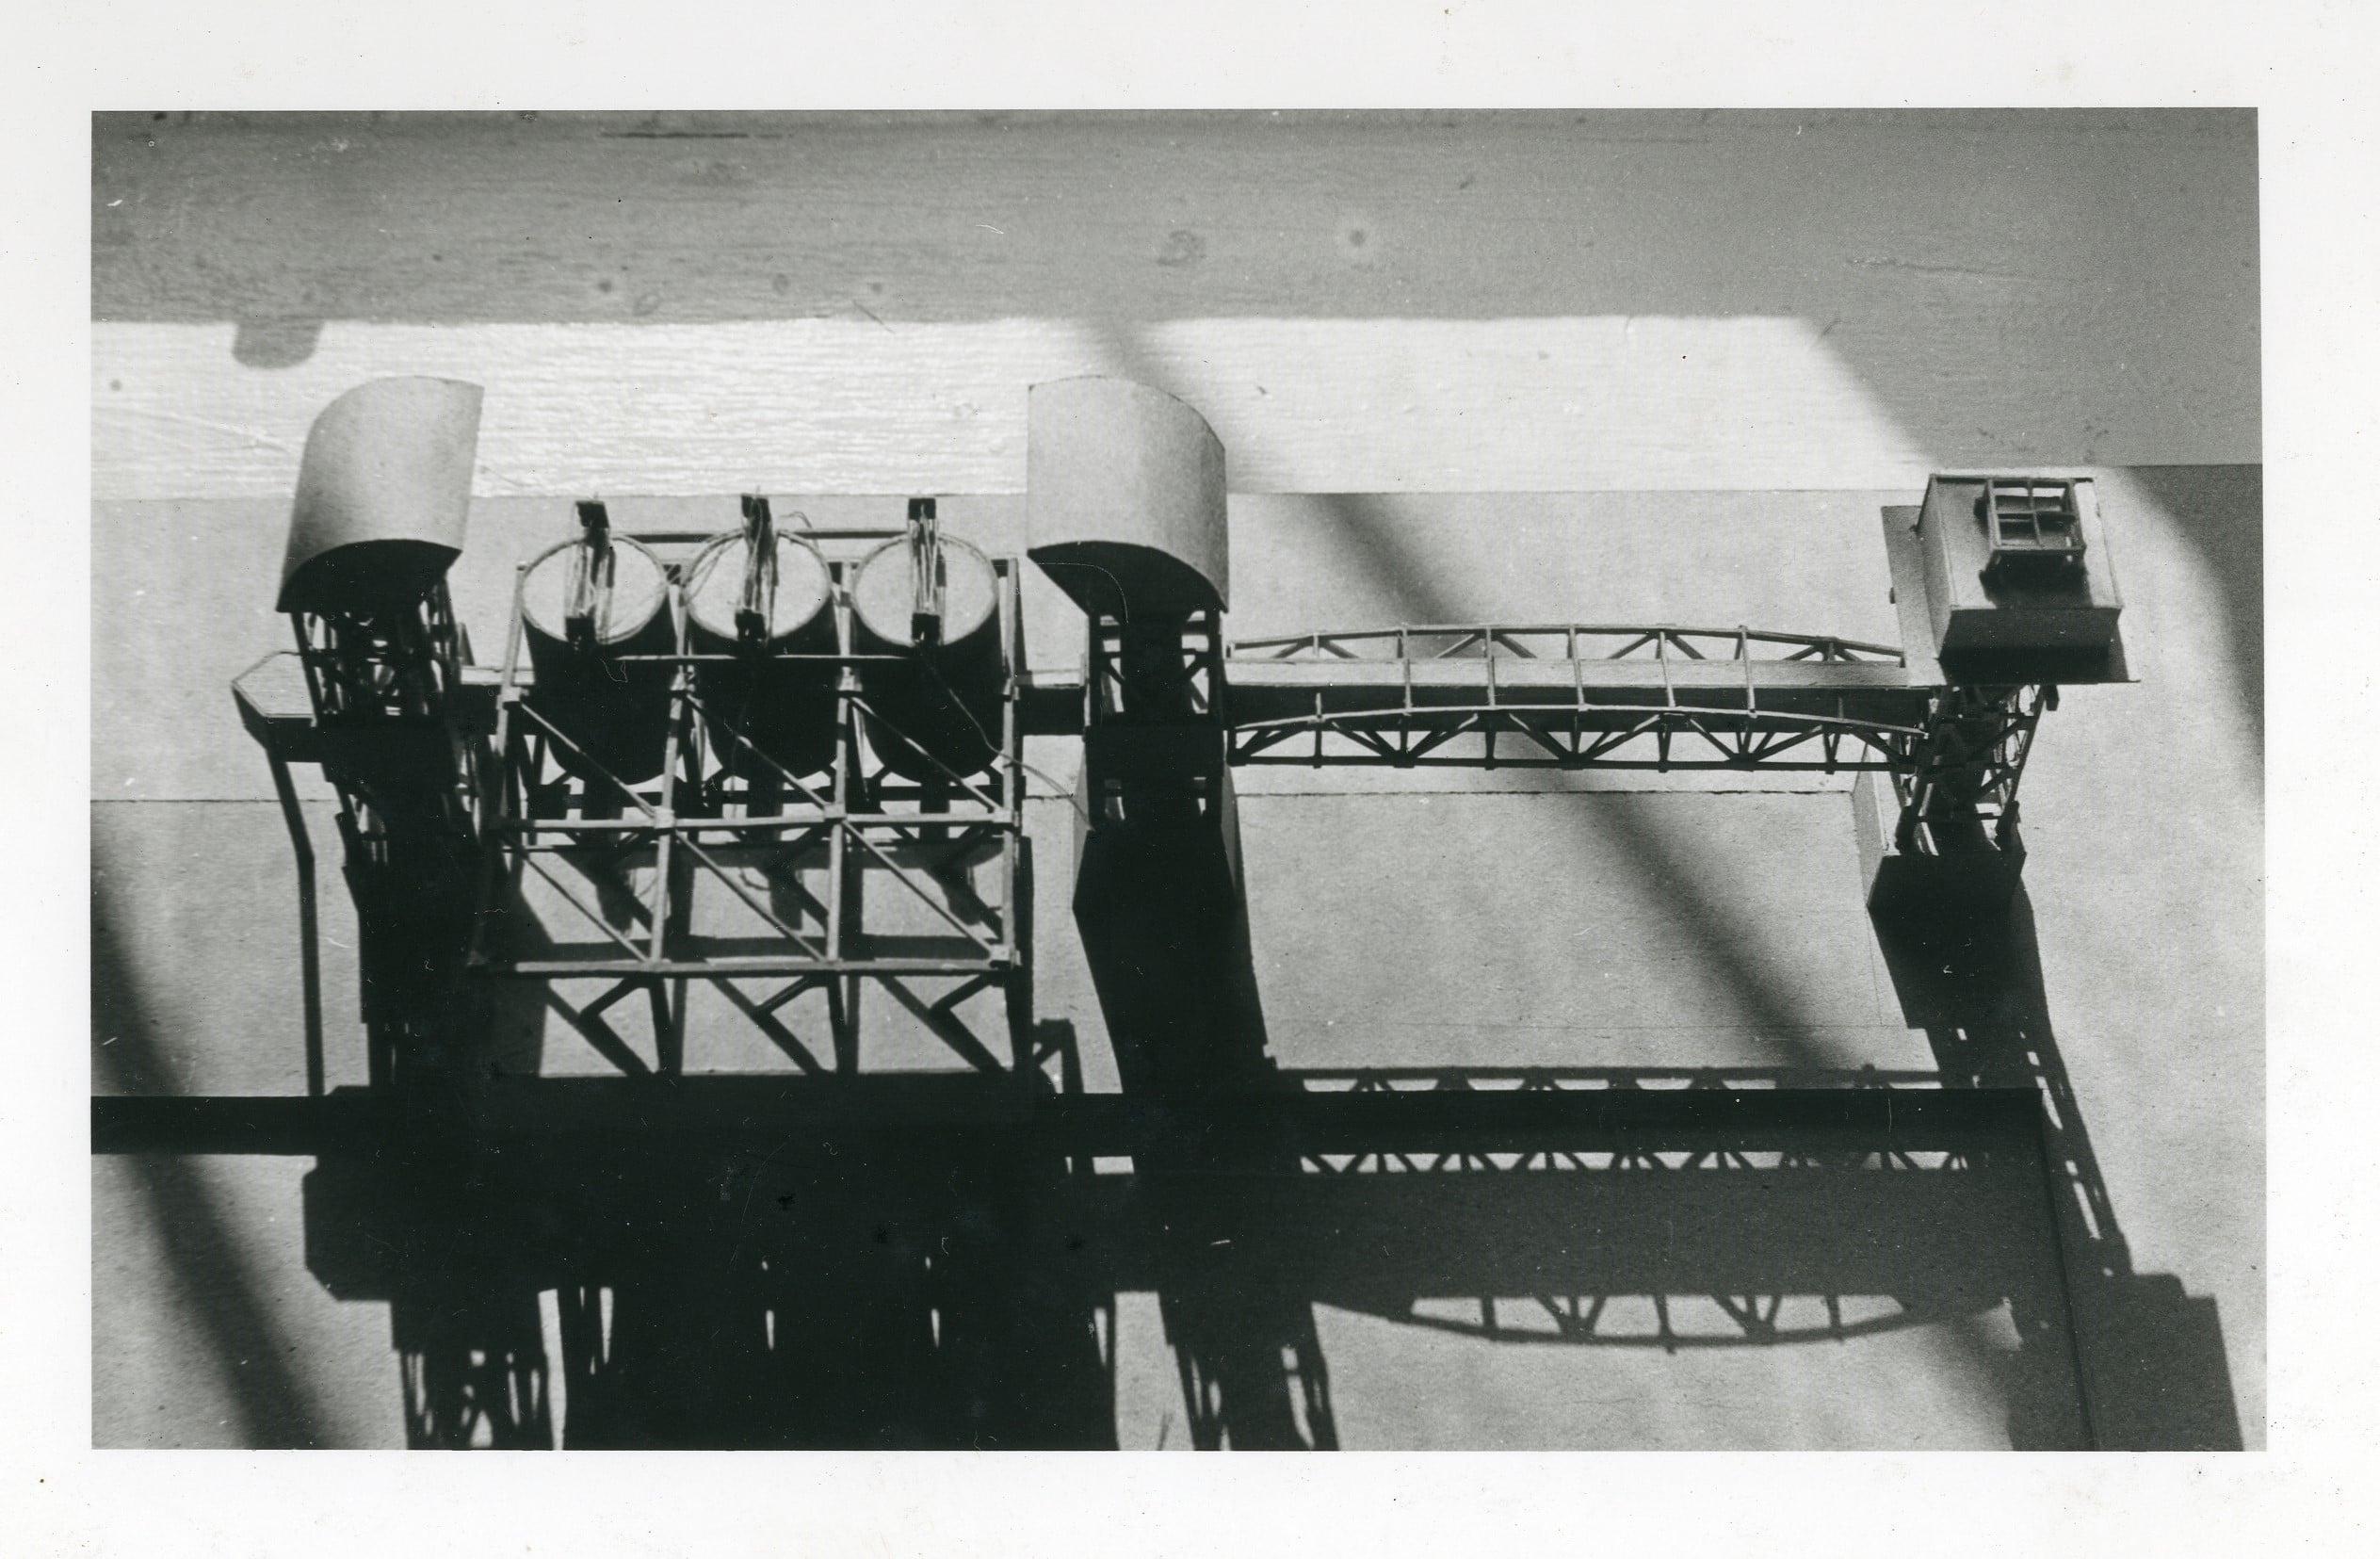 07-EnriqueNorton-Studio_RooseveltIslandBridgeTransformation-model